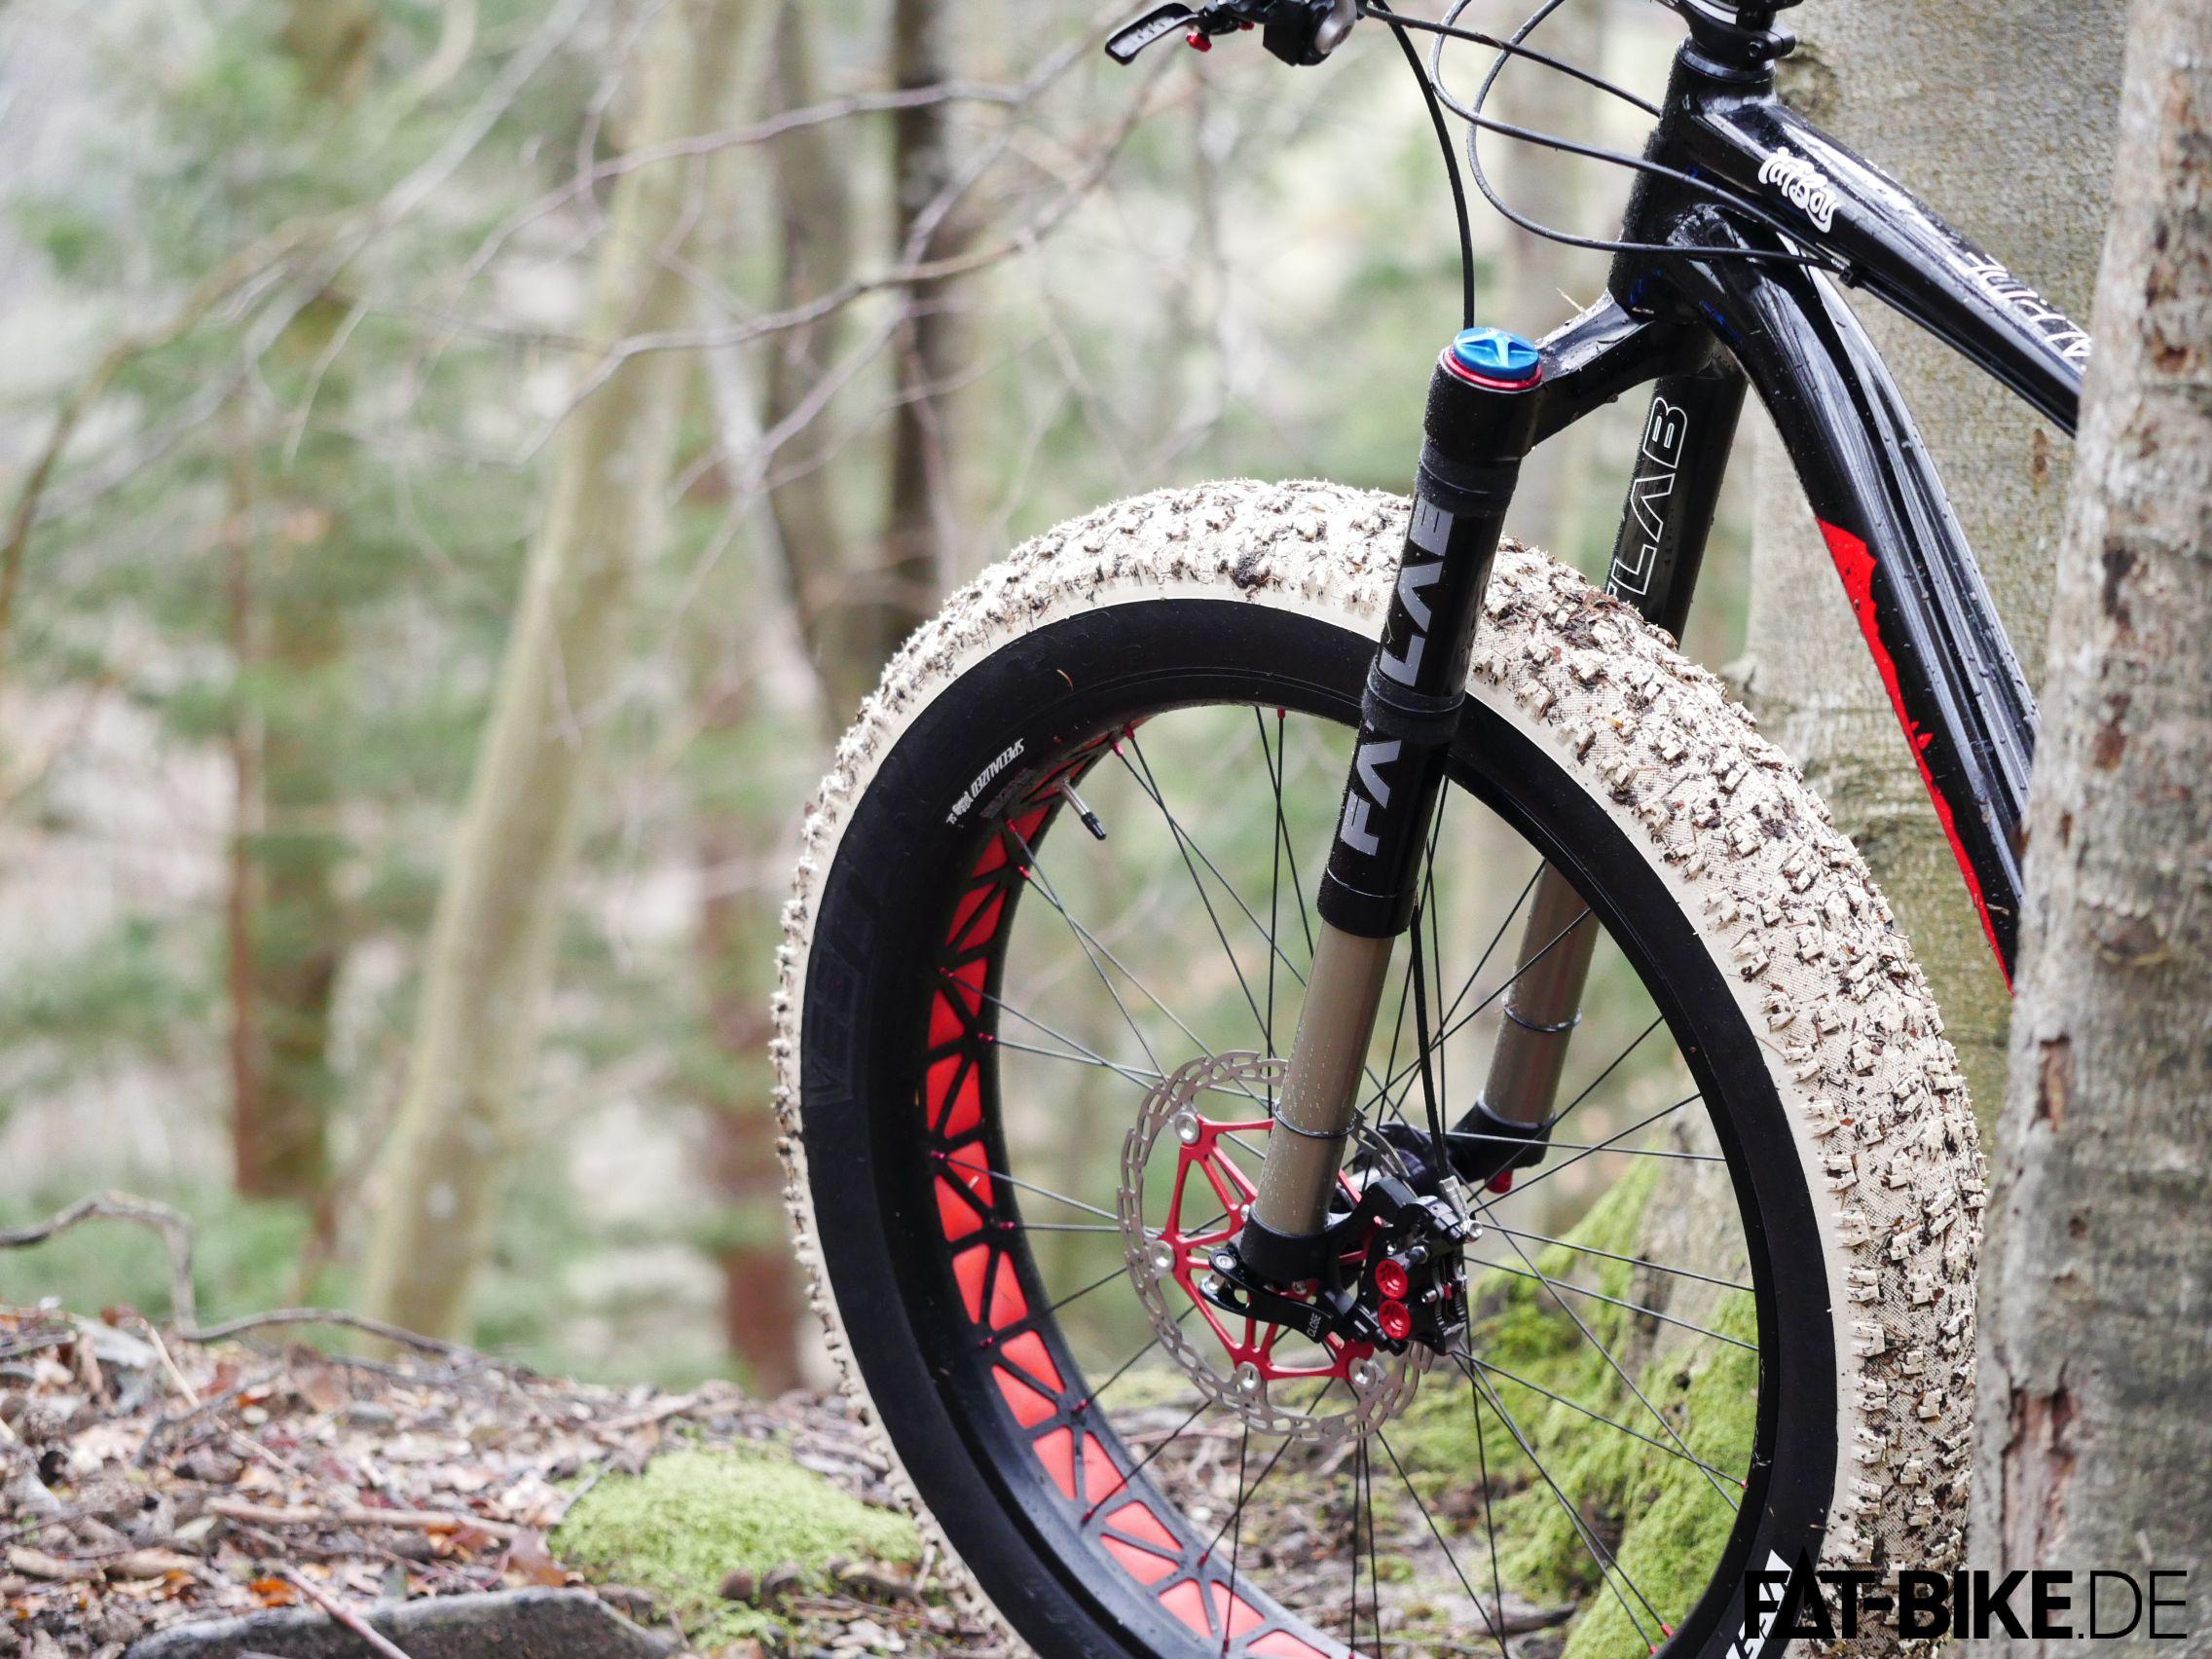 a1c03a79efe Tested: the FatLab Upside Down Suspension Fork - FAT-Bike.de